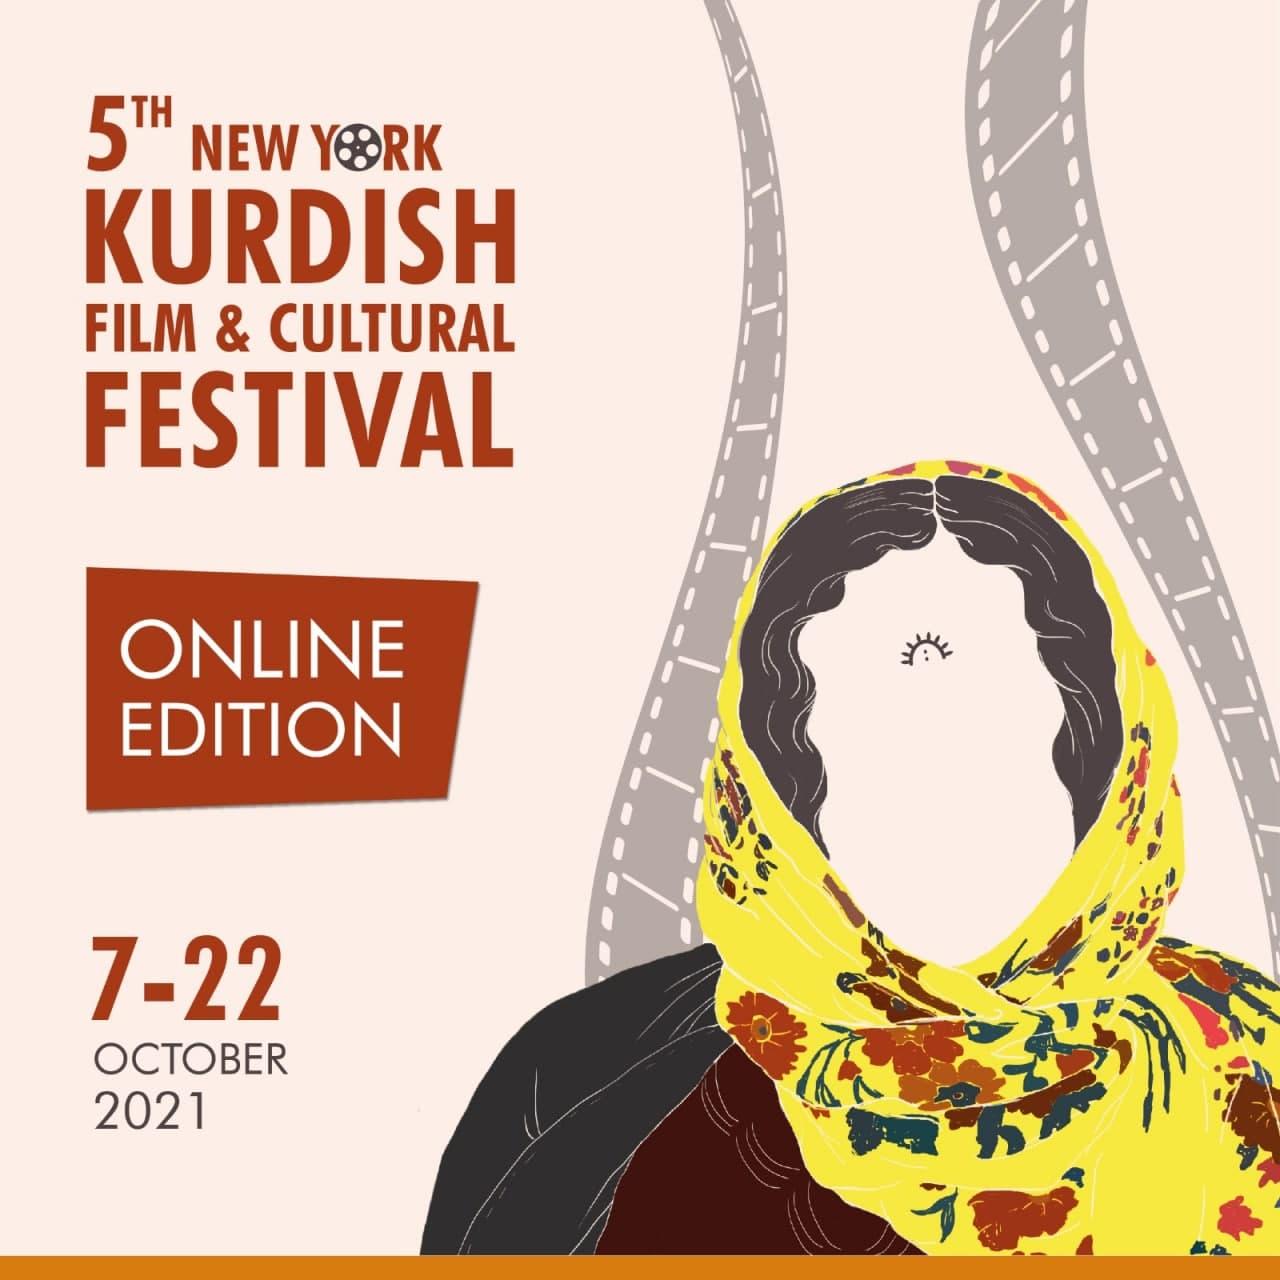 پنجمین دوره جشنواره فیلم و فرهنگ کُردی نیویورک با آثاری از سینماگران ایرانی